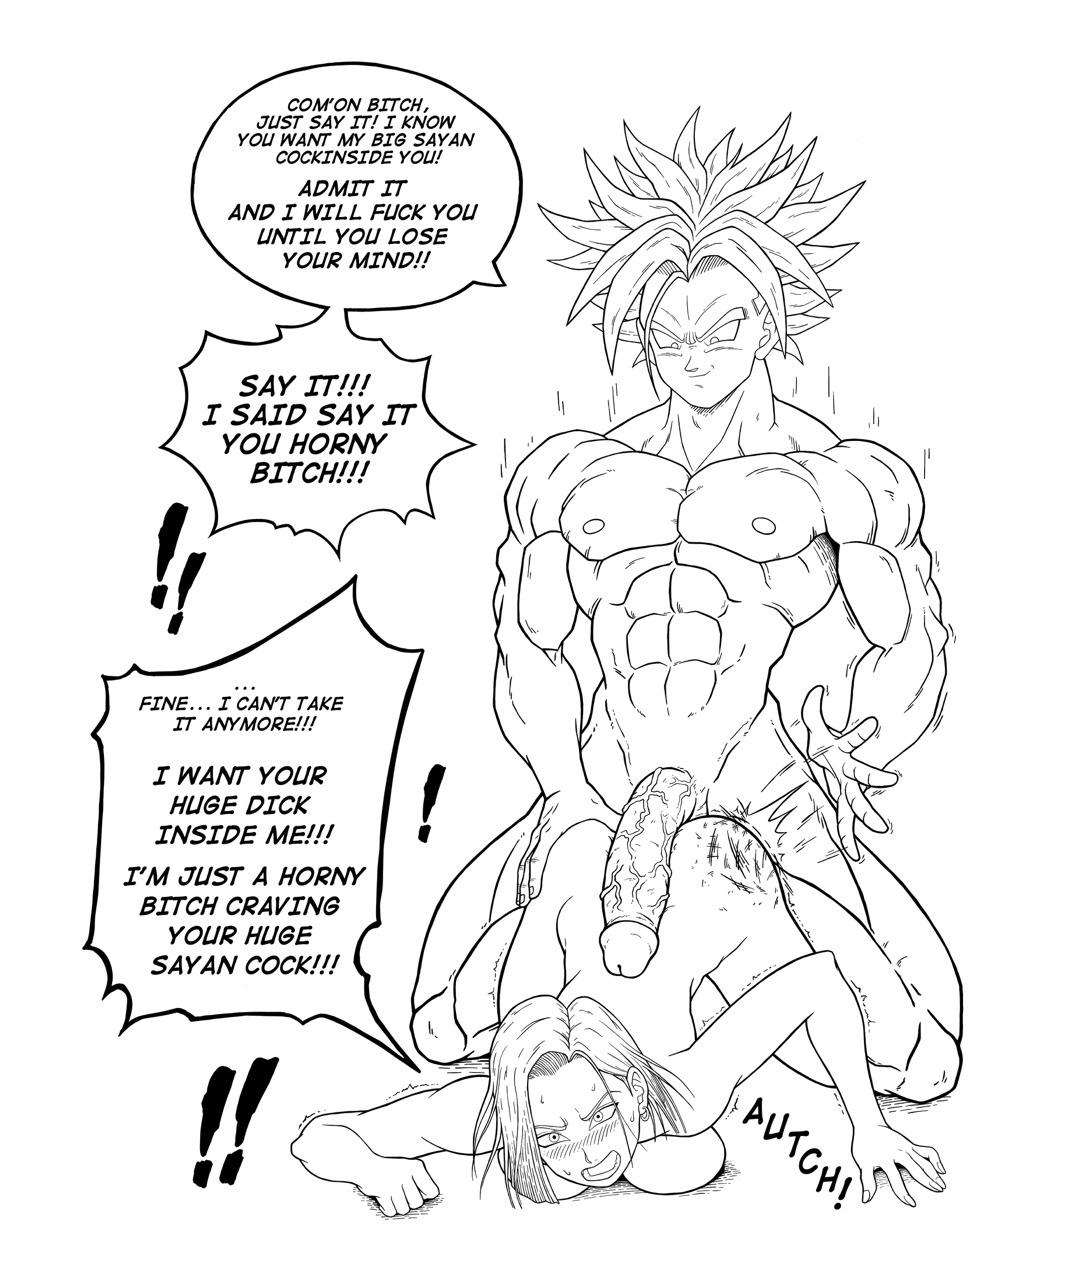 Erotic&Porn drawings